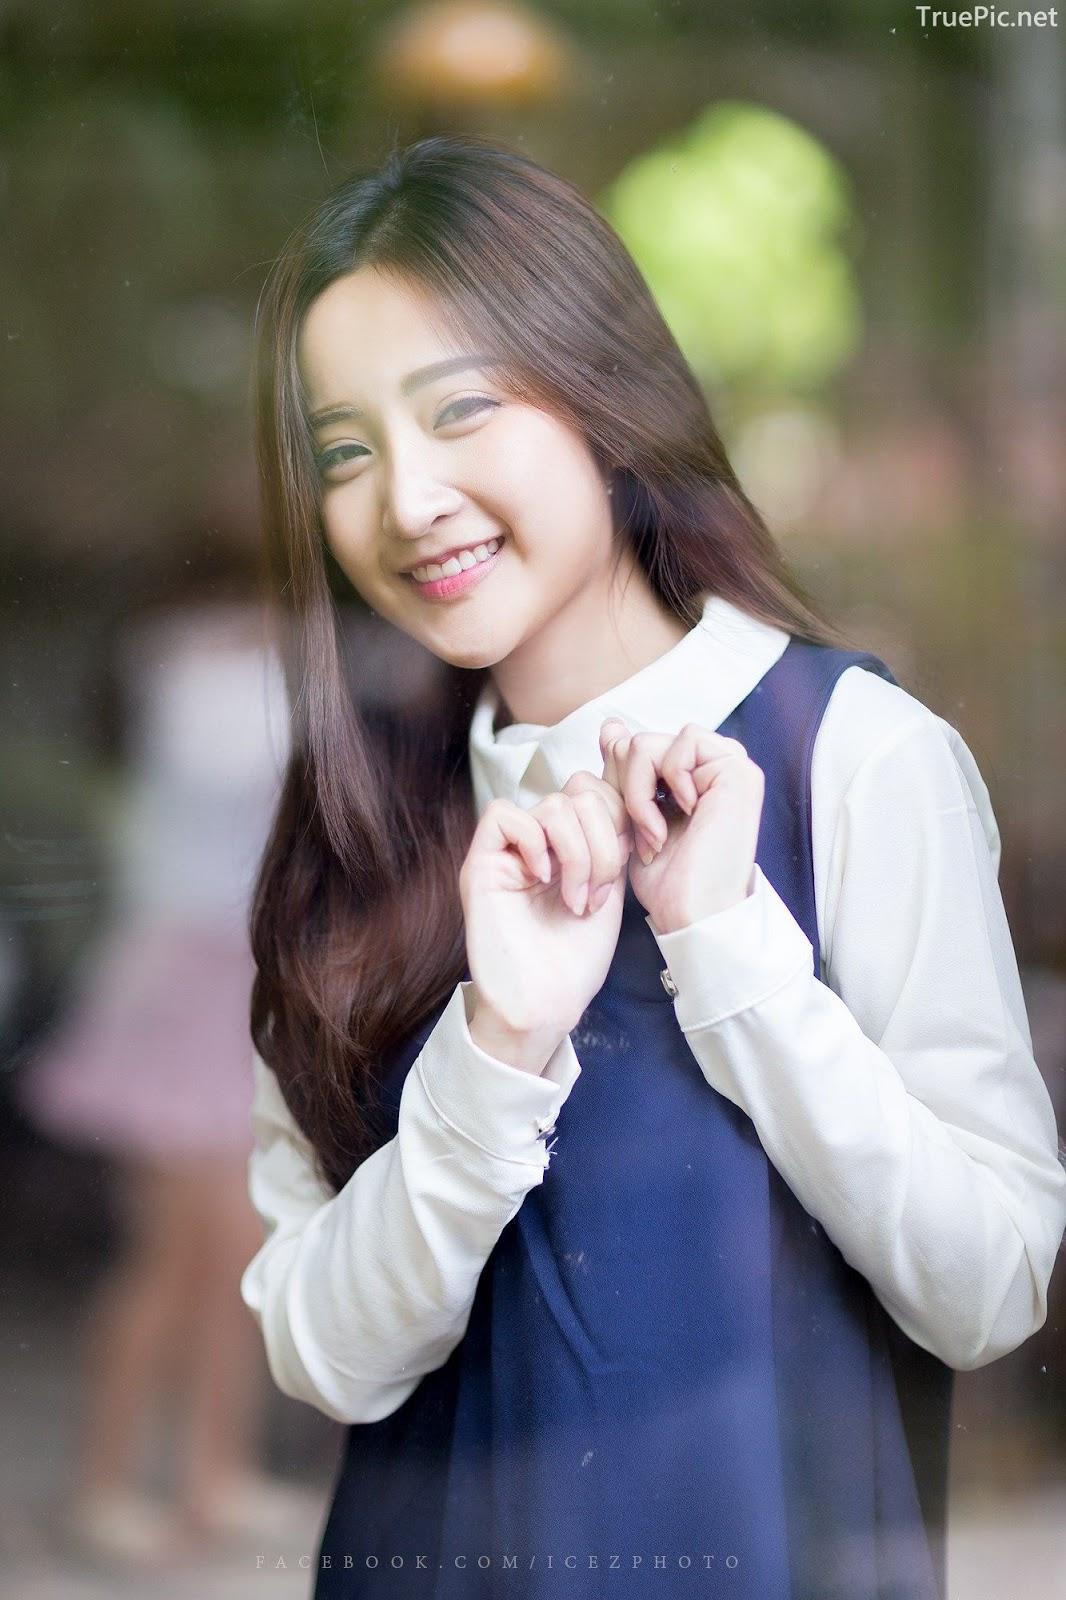 Thailand Hot Girl - Thanyarat Charoenpornkittada - Welcome to my world - TruePic.net - Picture 8